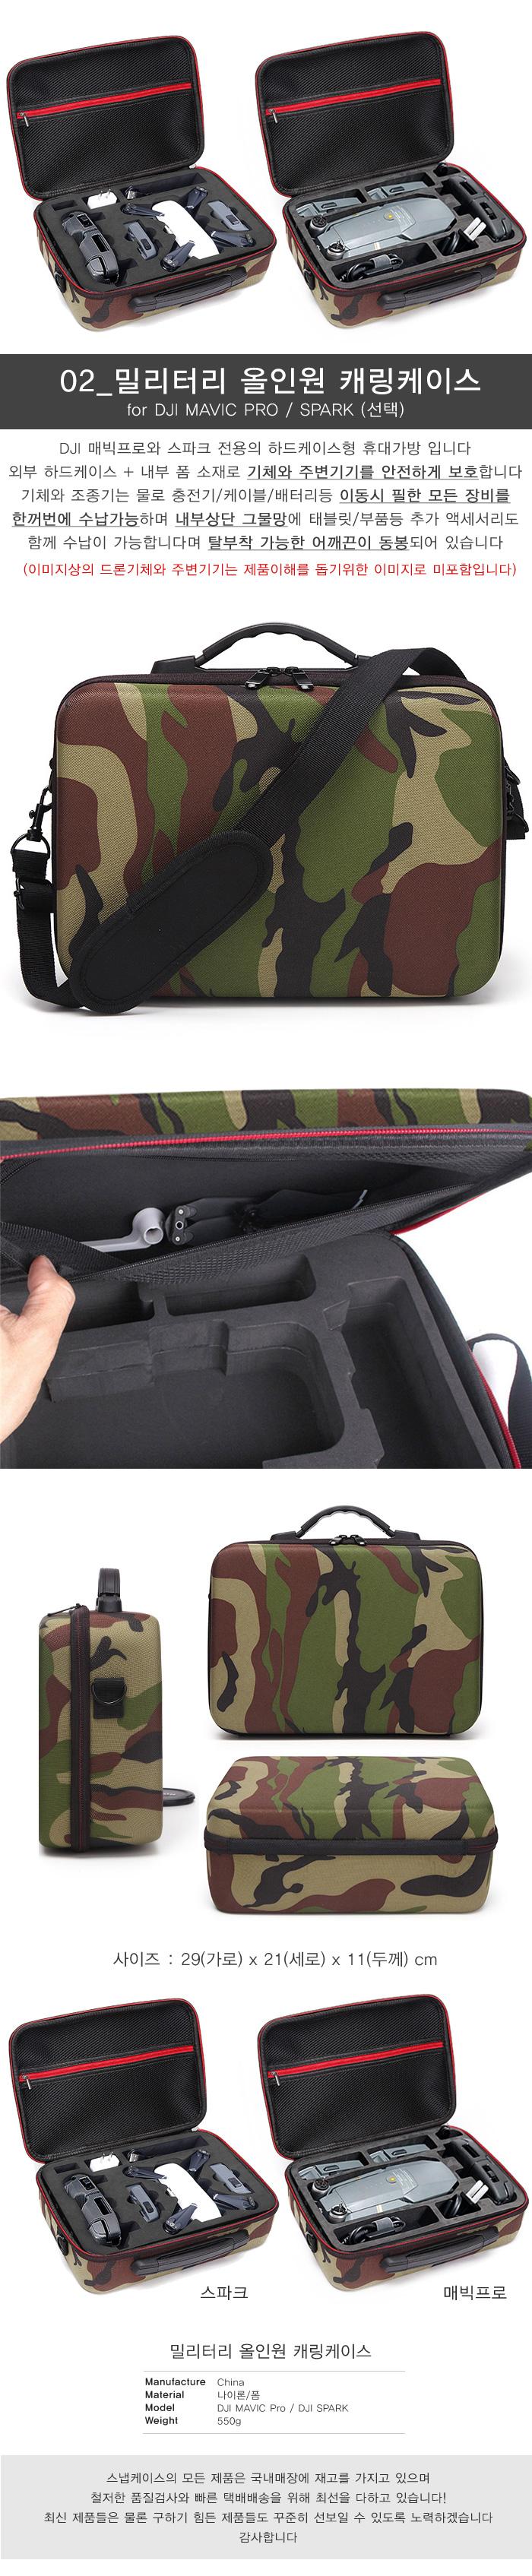 매빅프로 스파크 밀리터리 올인원 캐링 케이스 가방 - 스냅케이스, 27,000원, R/C 드론/쿼드콥터, 드론